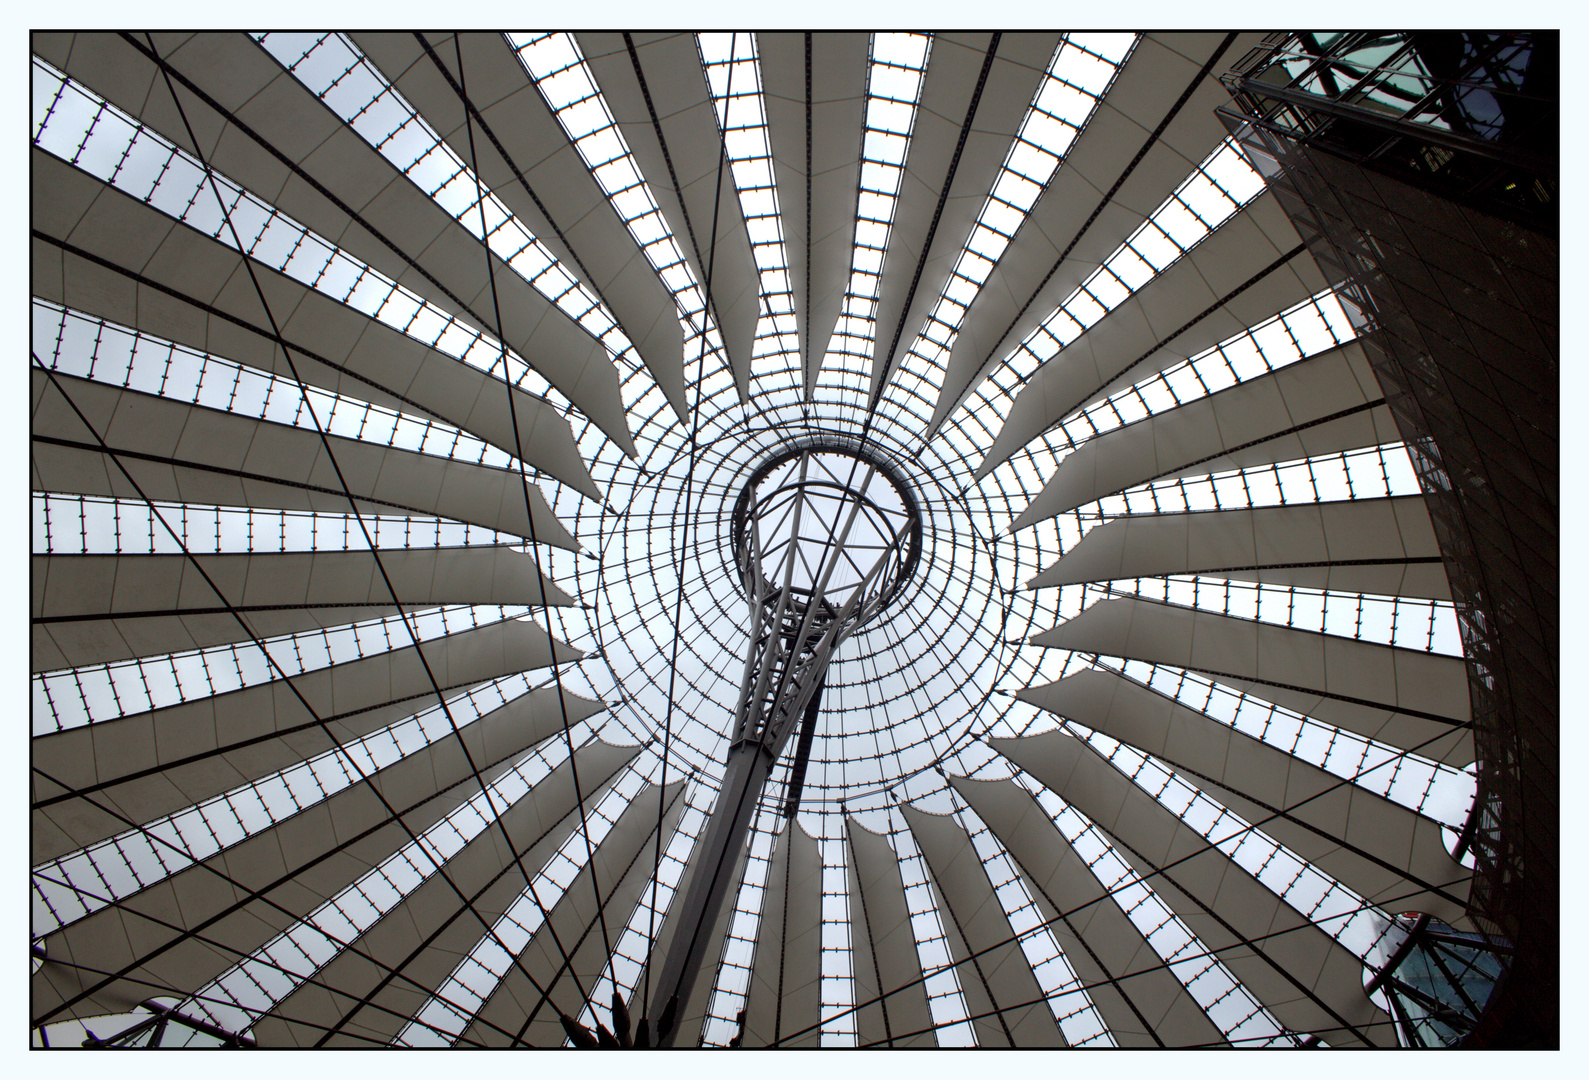 Kuppel Sony Center Berlin.